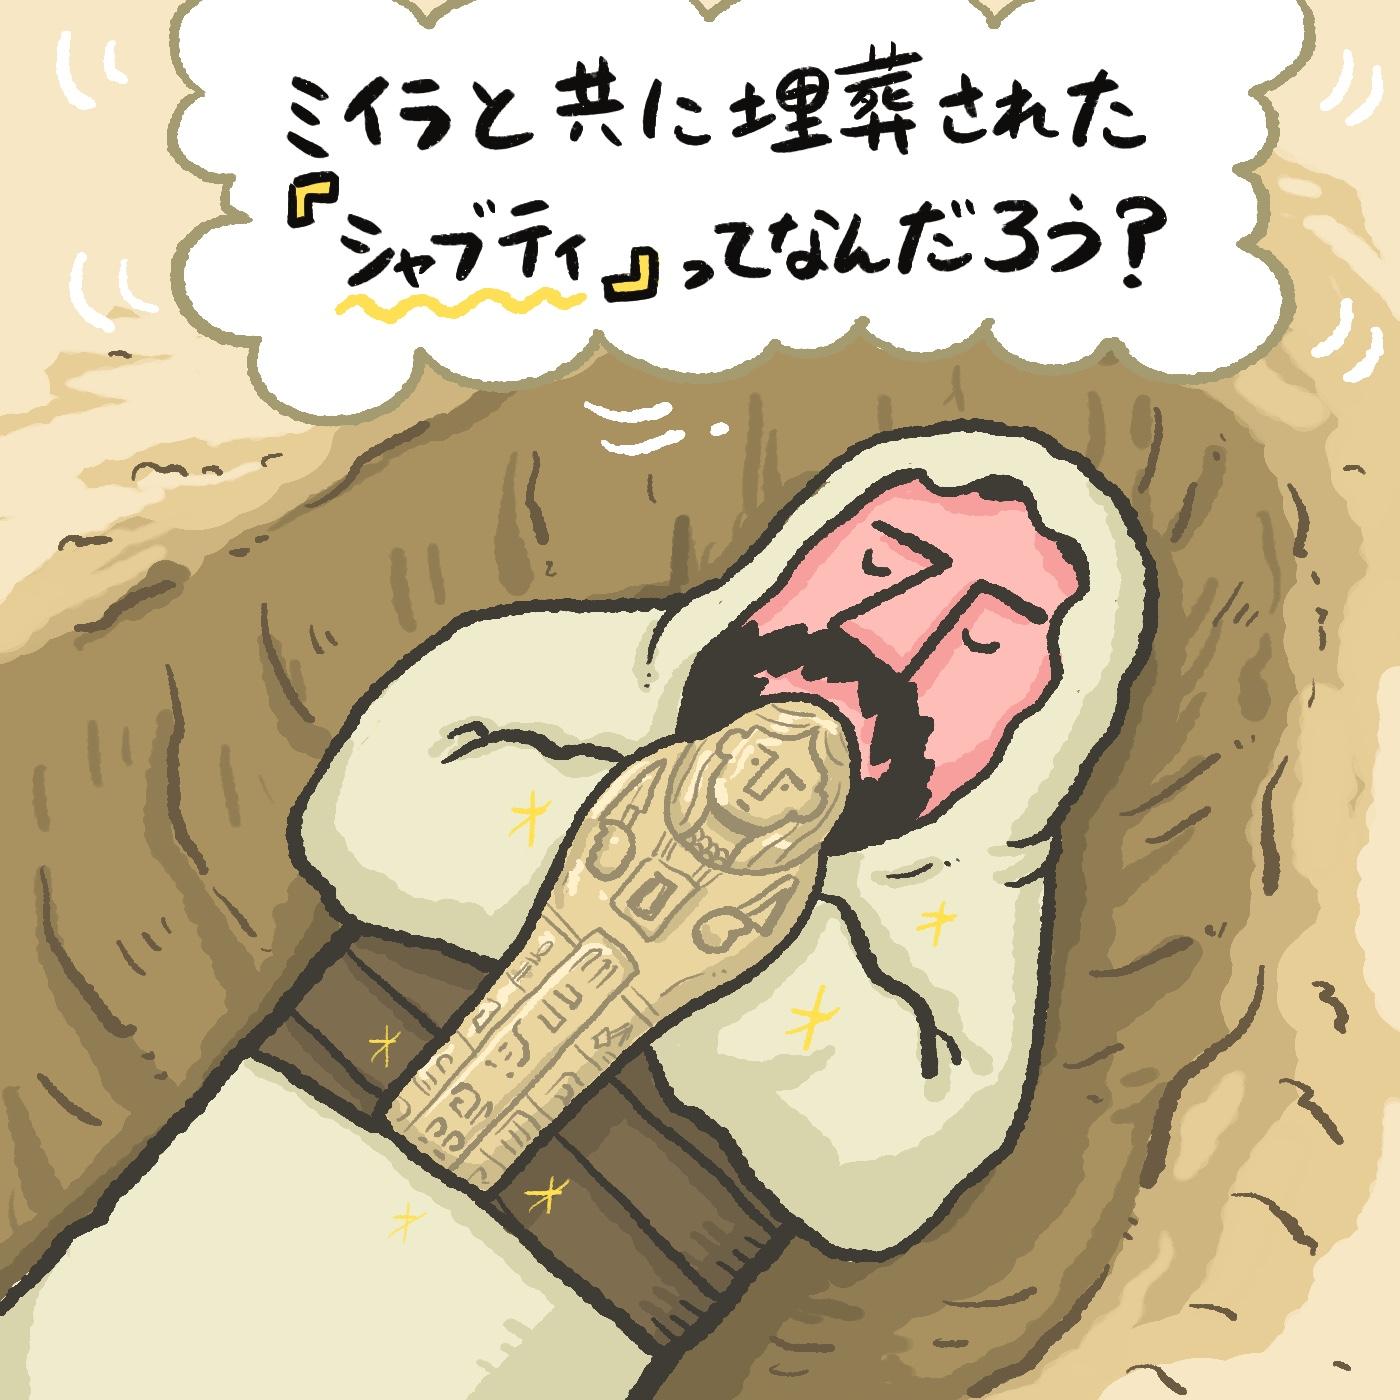 OBIKAKE ナニソレ シャブティ 藤野遼太